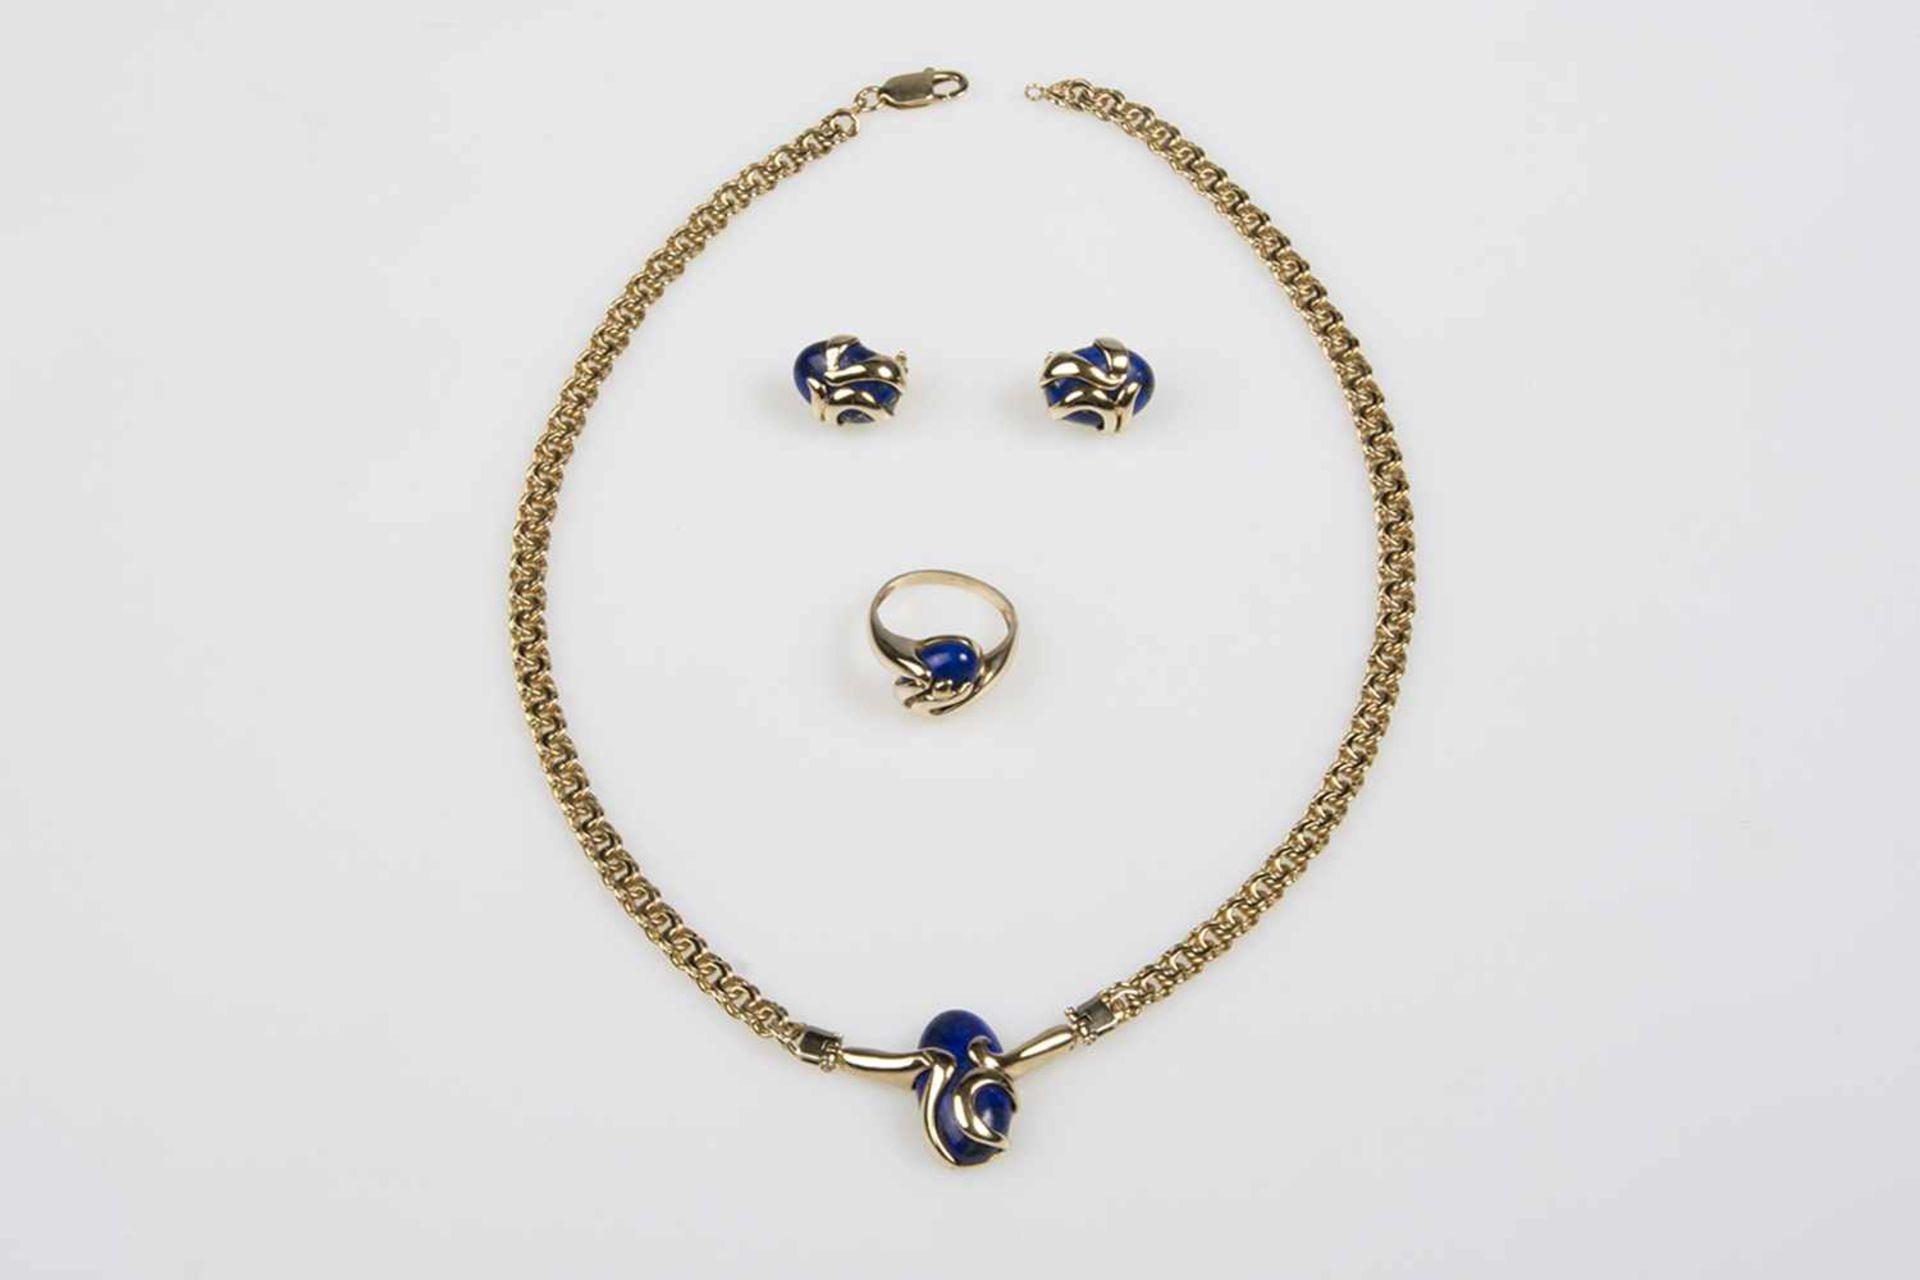 Los 25 - Damenschmuckgarnitur Gold 585, mit Lapis Lazuli, bestehend aus: 1 Collier , Länge ca. 50 cm, 1